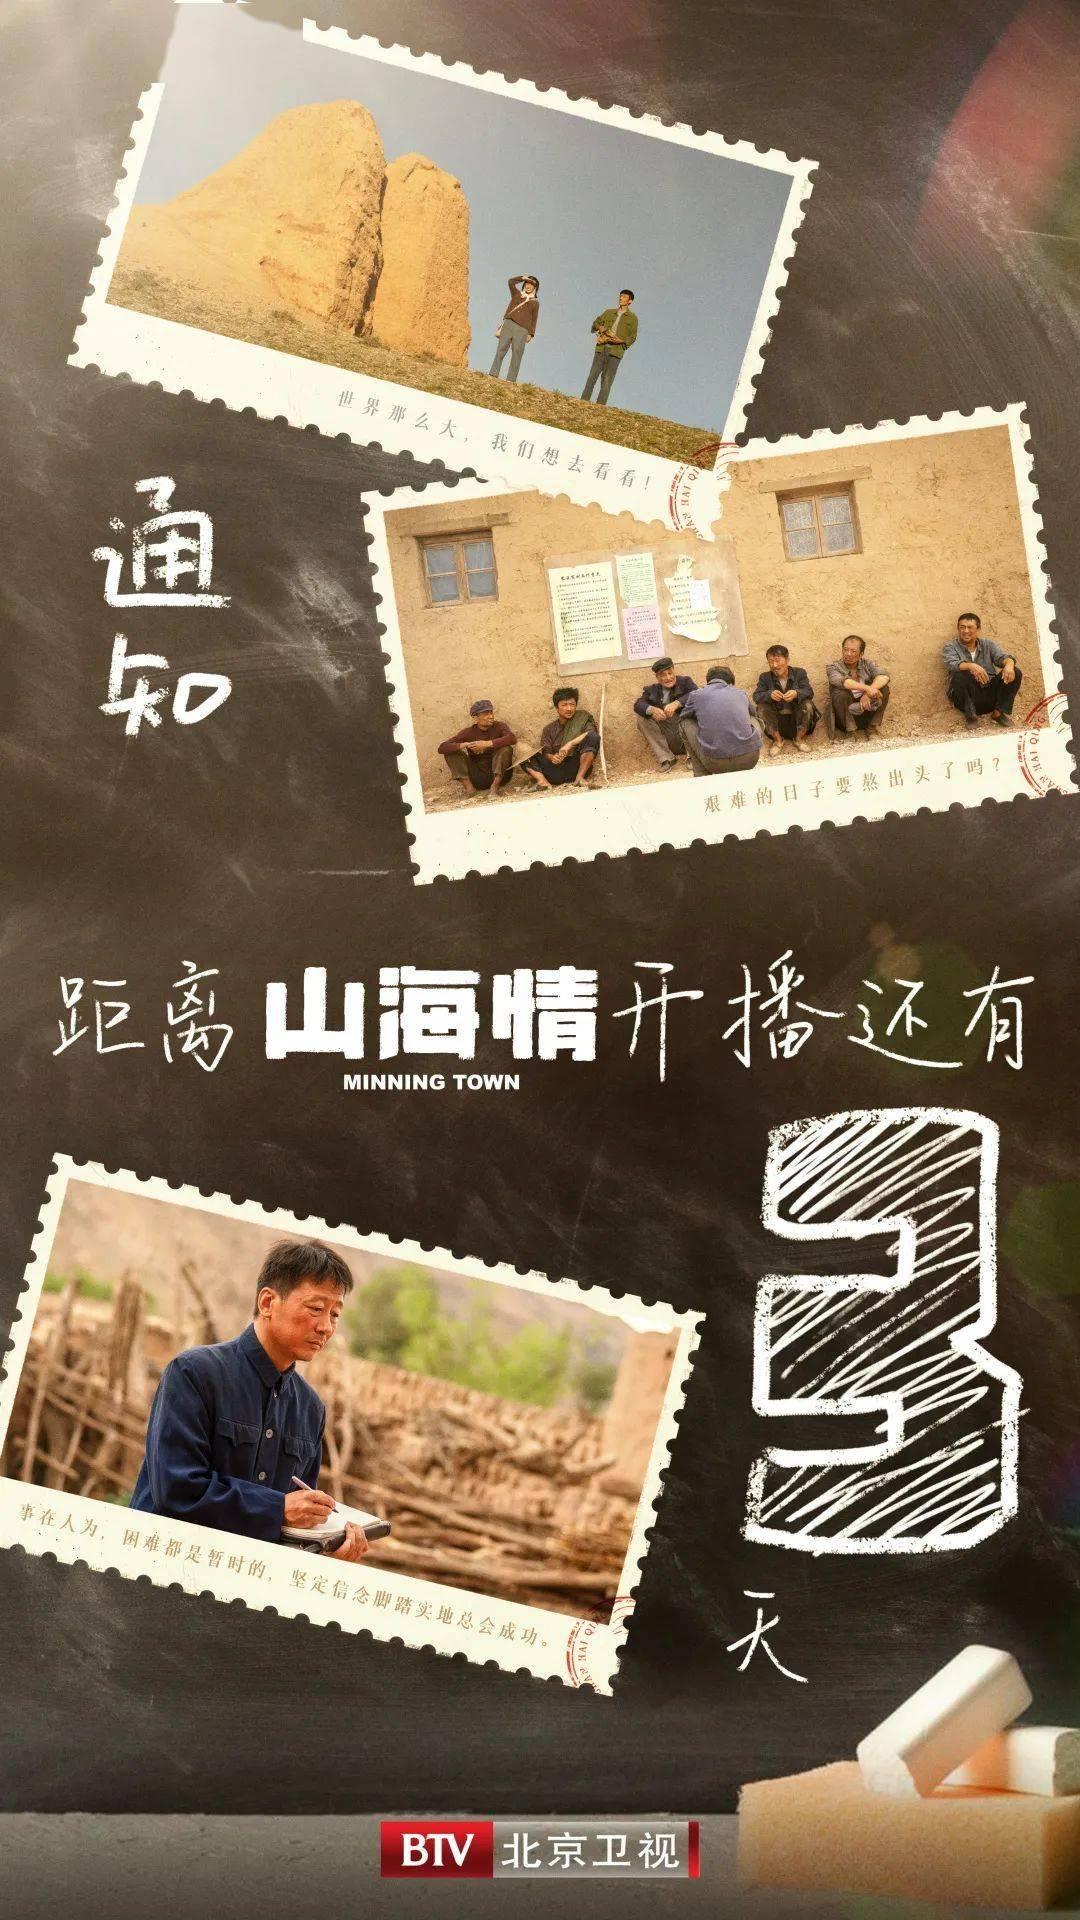 距离北京卫视《山海情》开播还有3天!